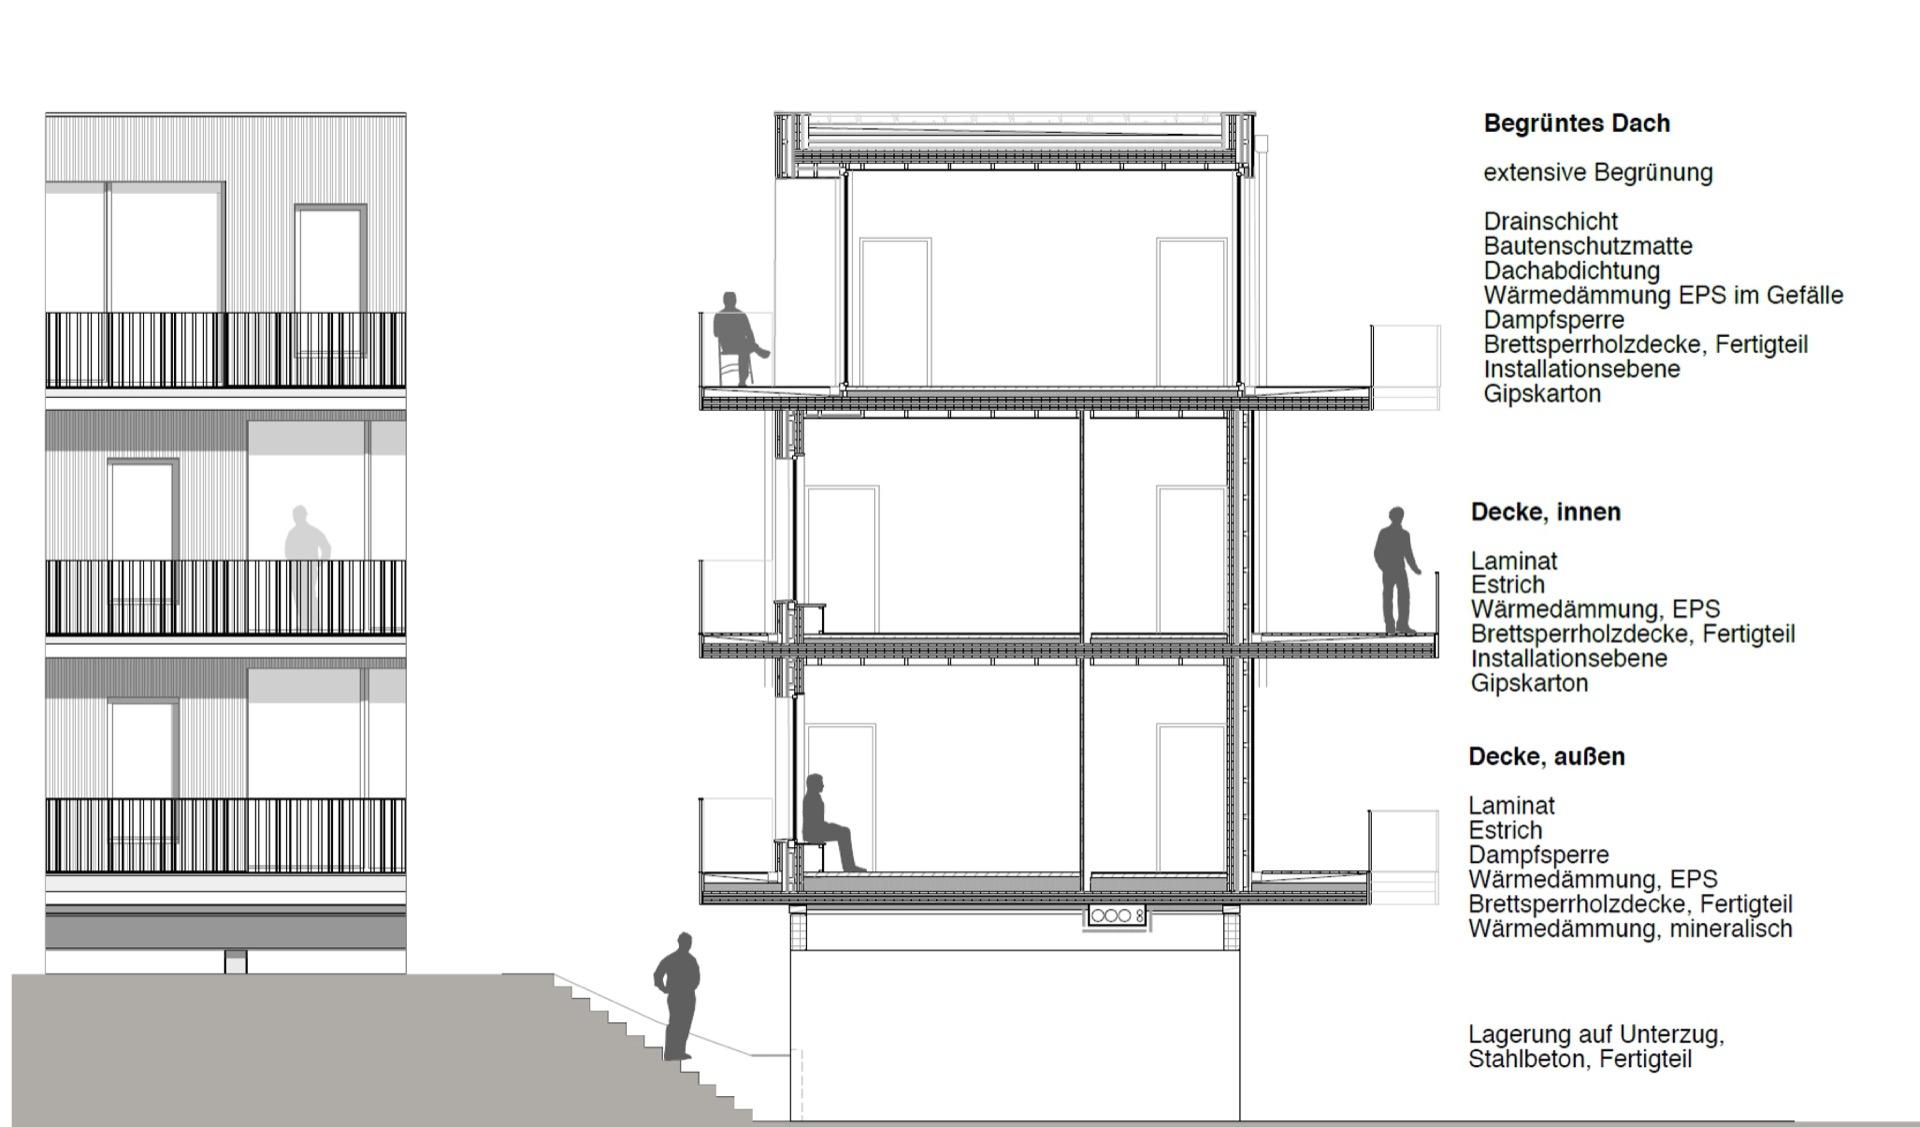 Fassadenschnitt © Welp von Klitzing Architekten Stadtplaner